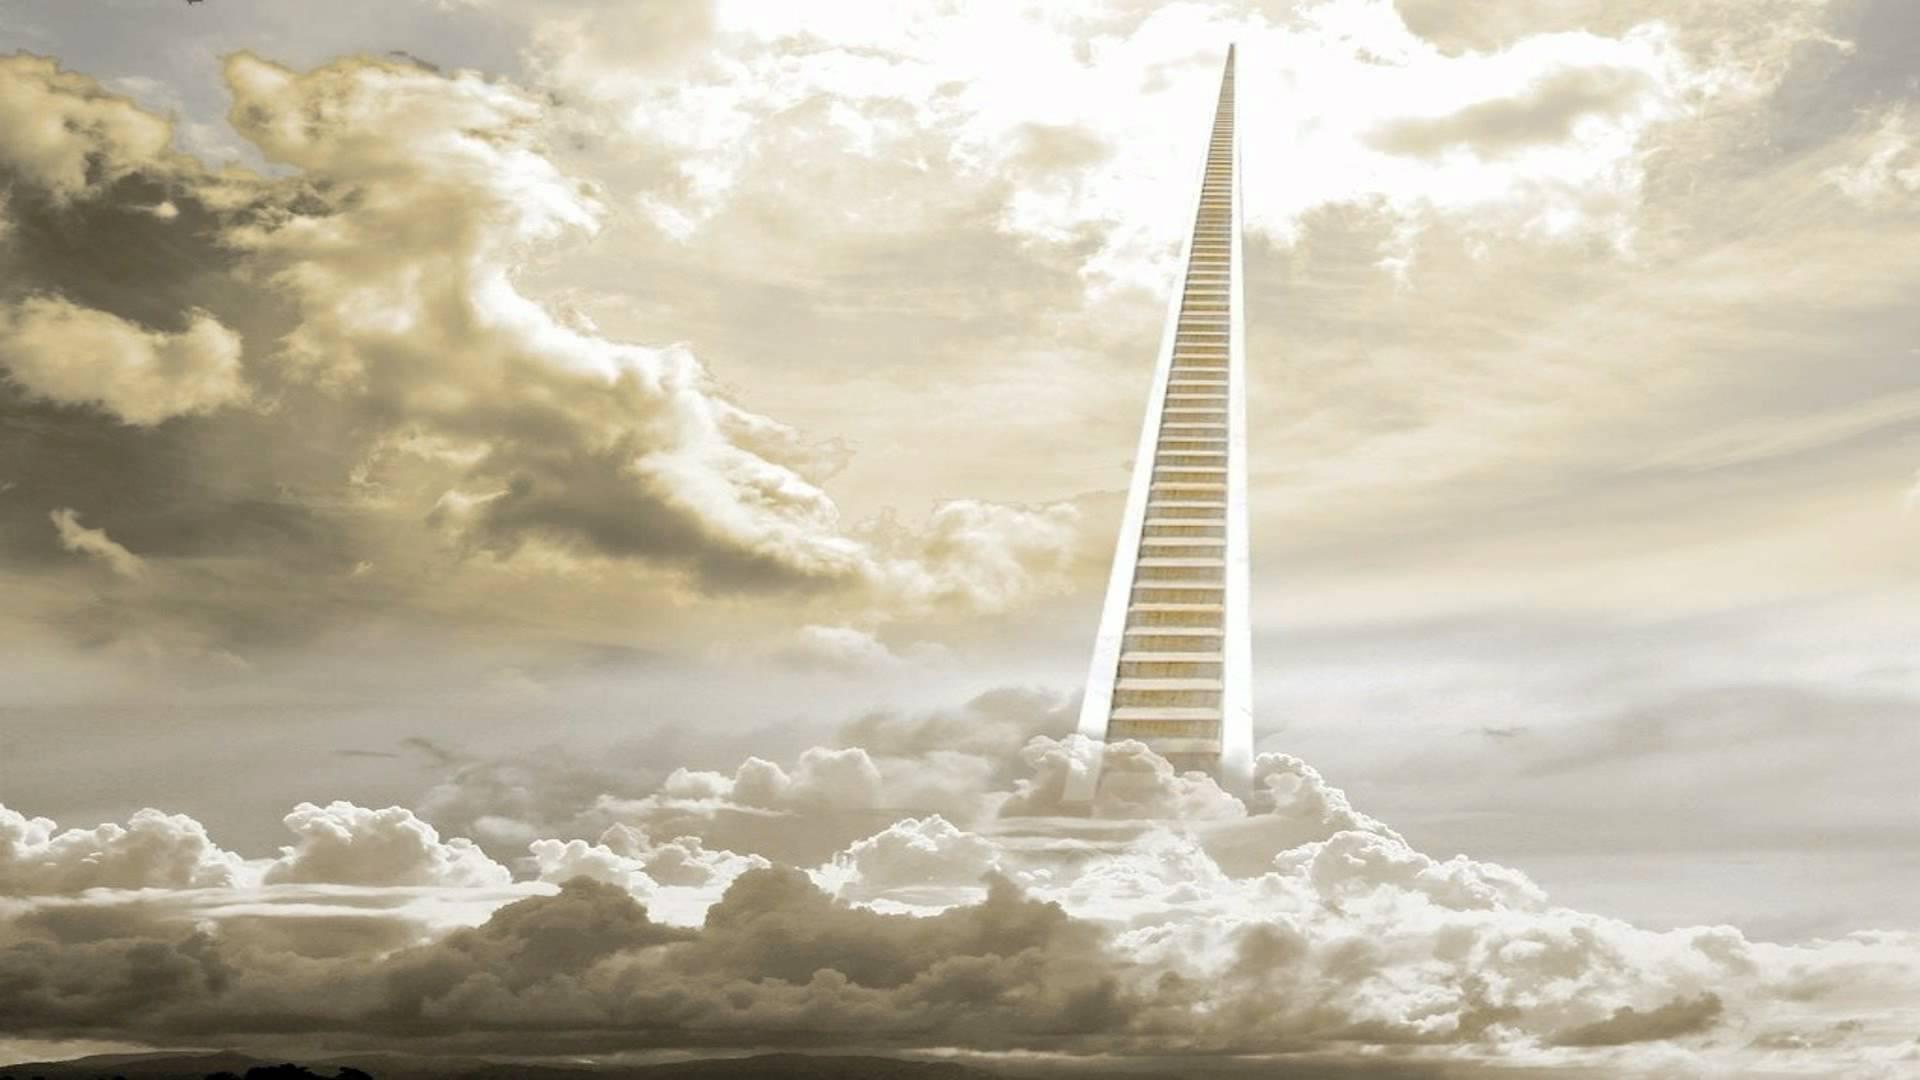 Если смотреть на текст буквально, лестница в небо, казалось бы, отсылает нас к намекам на библейские аллюзии, на реальную лестницу, восходящую к Небесам